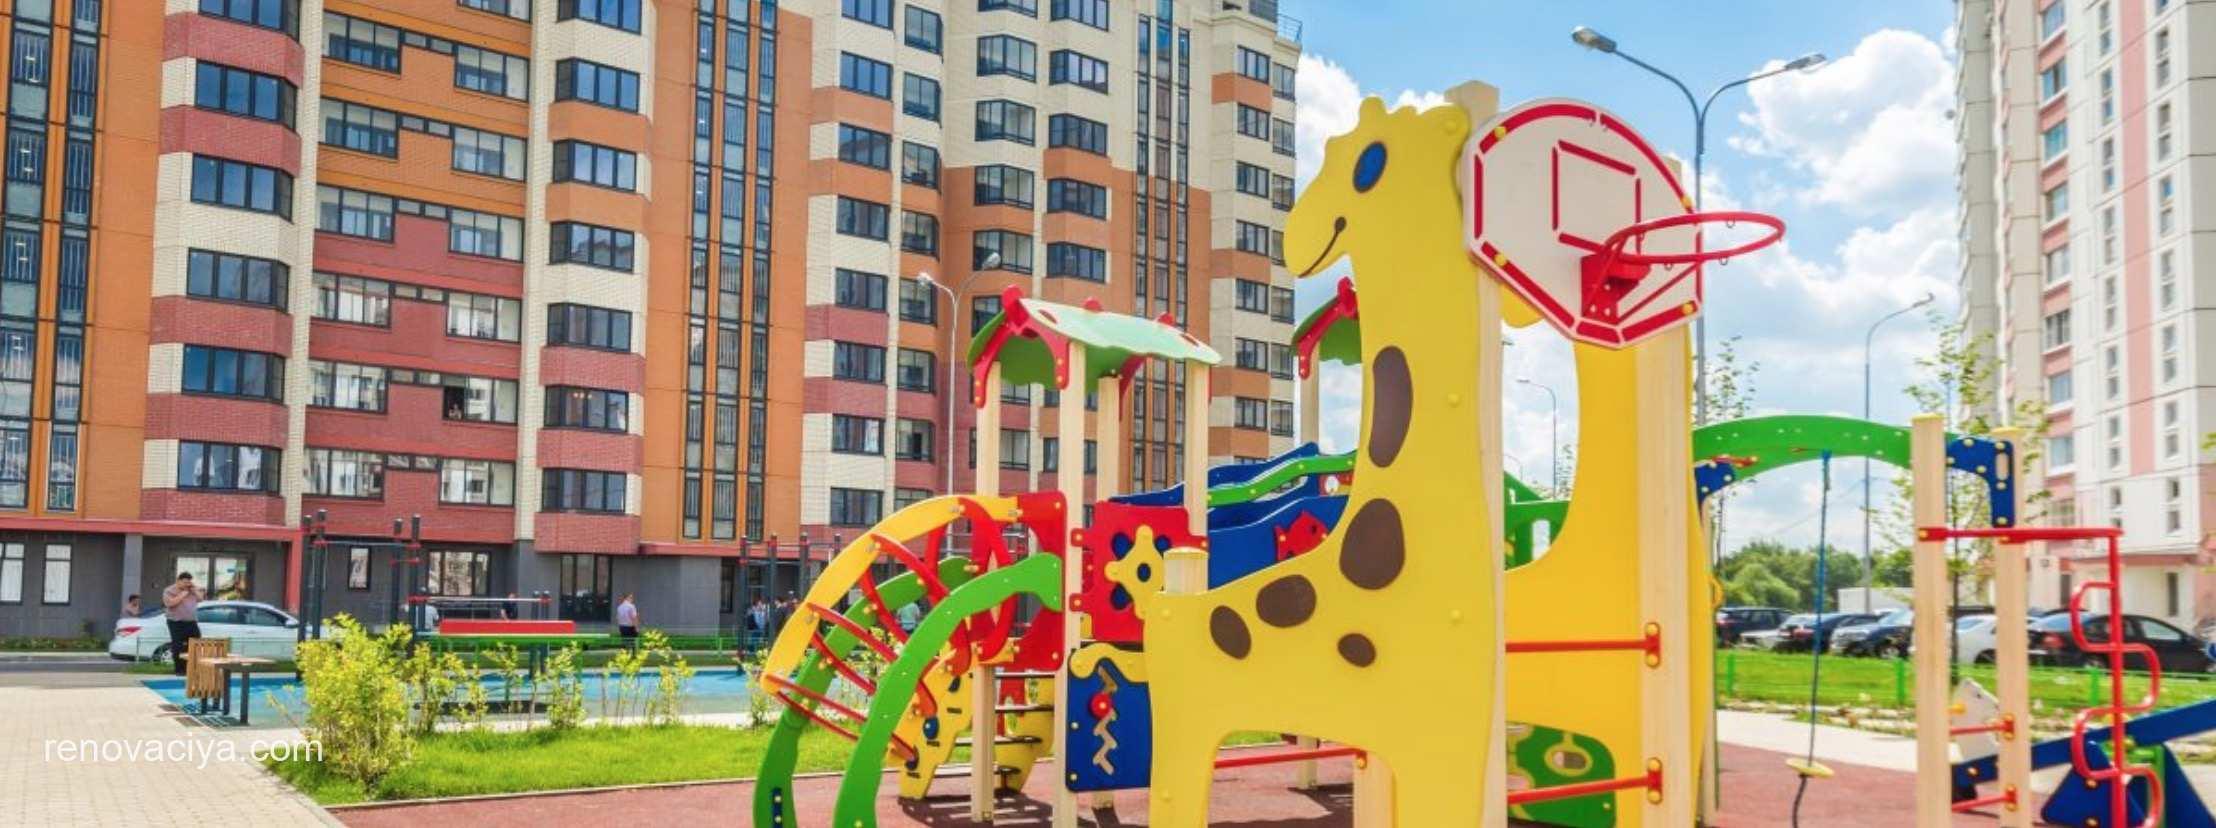 Почти 20 семей заключили договоры на новые квартиры